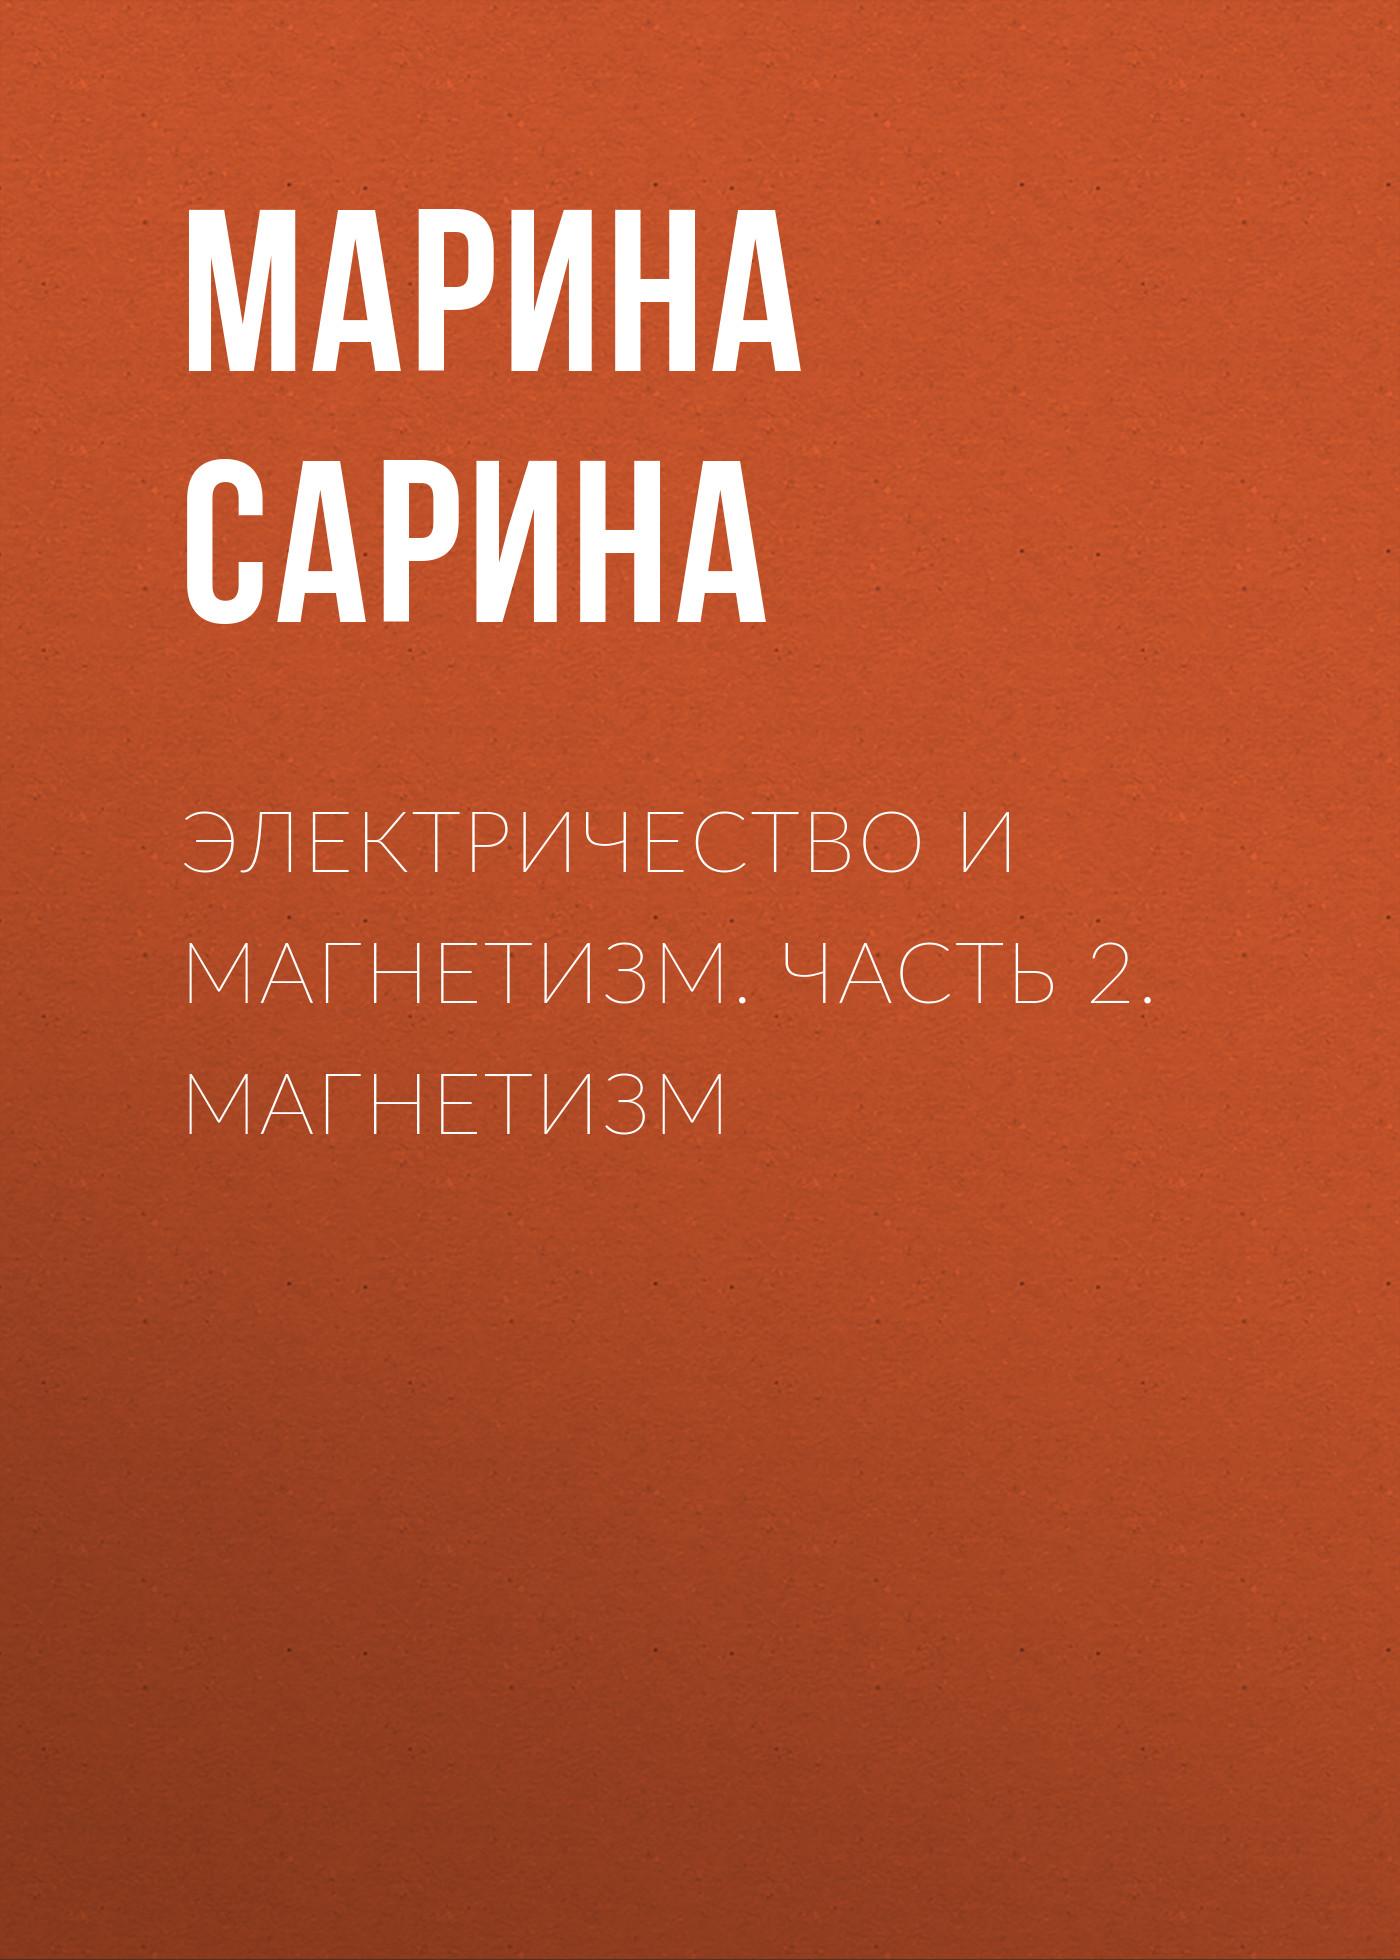 Марина Сарина Электричество и магнетизм. Часть 2. Магнетизм